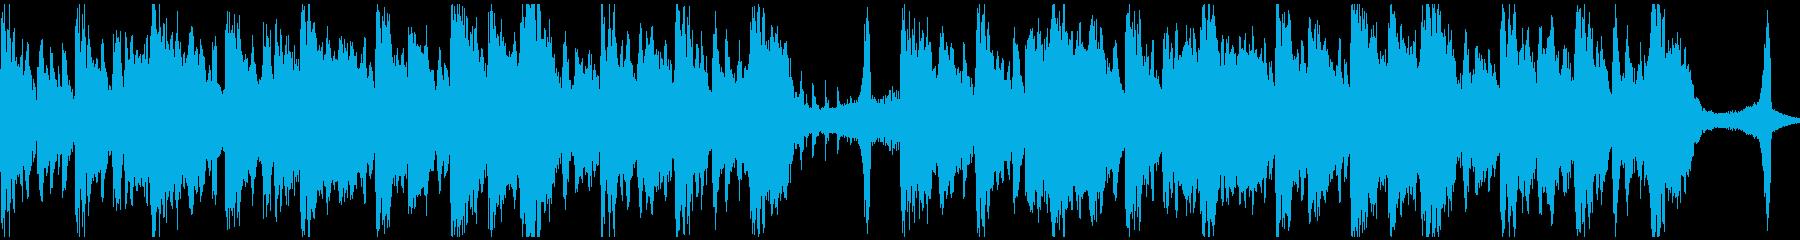 モダン 実験的 ほのぼの 幸せ フ...の再生済みの波形